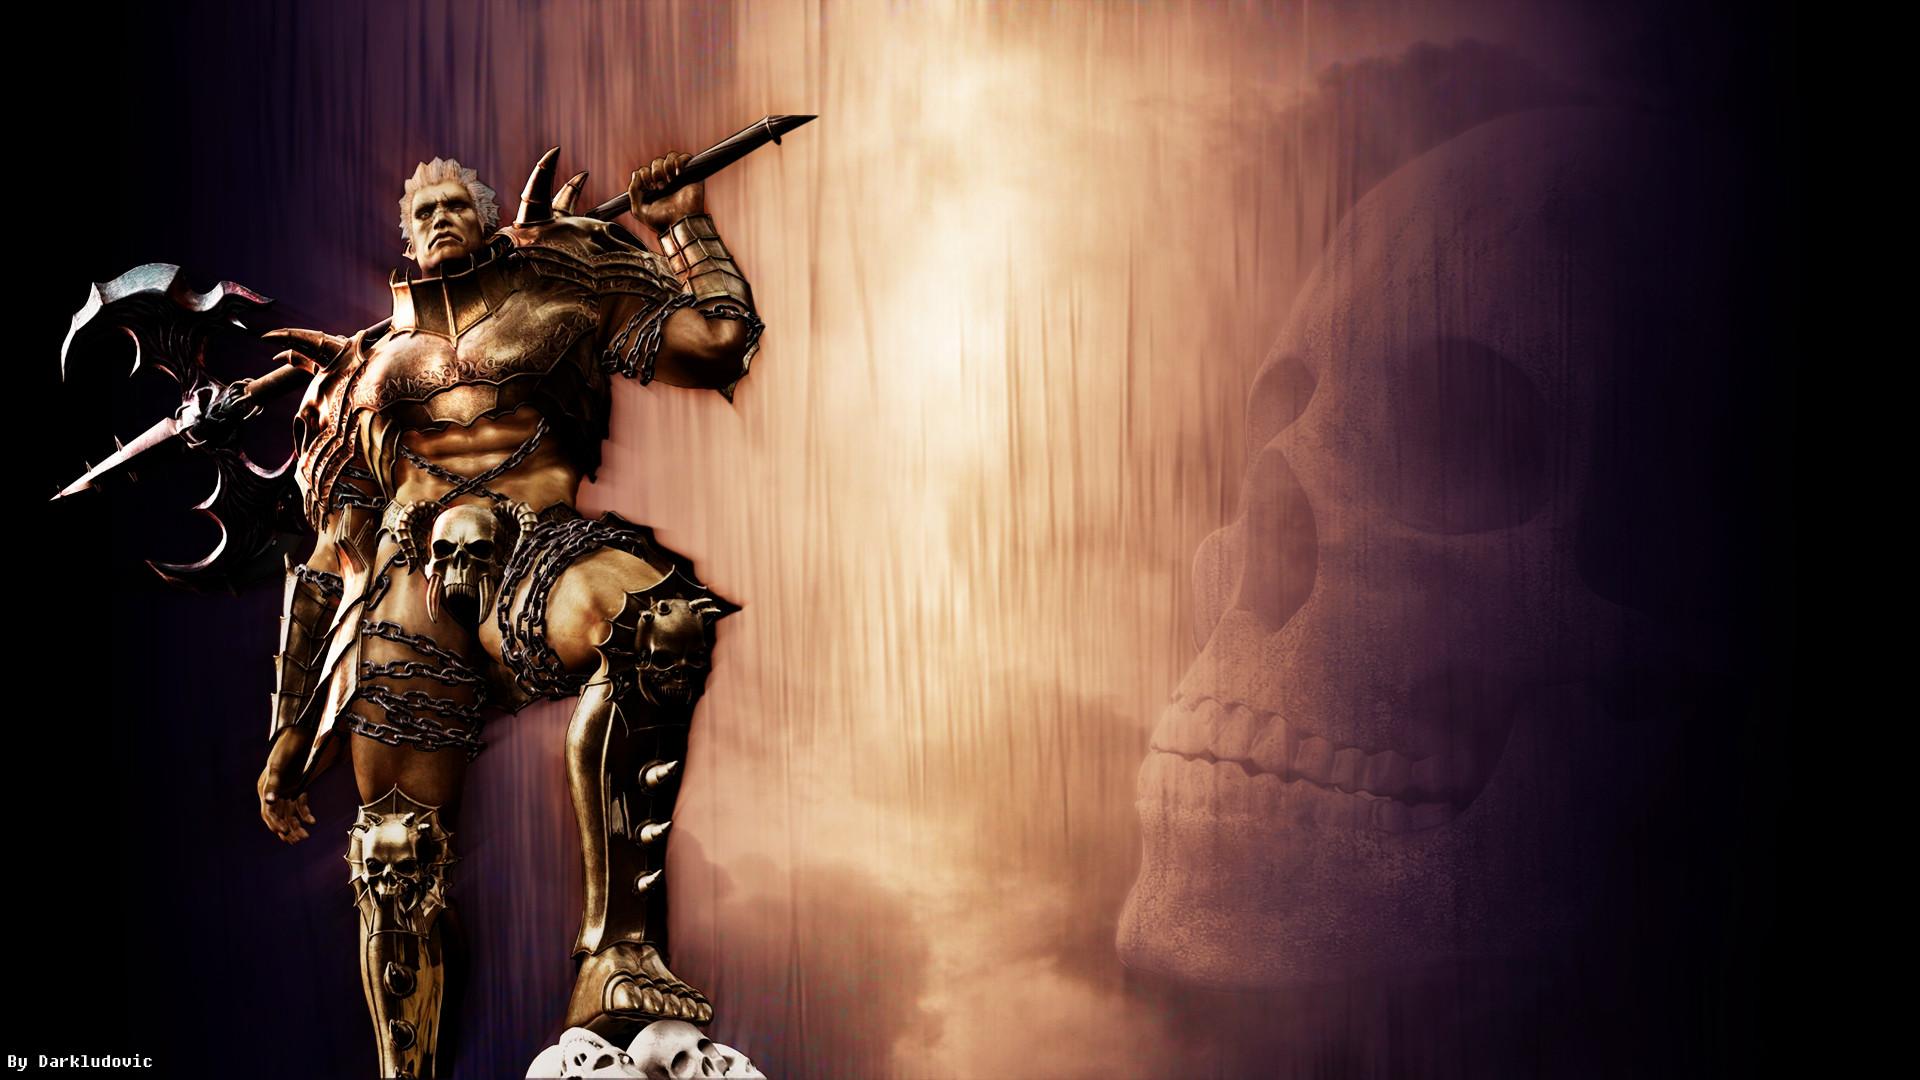 wallpaper gladiator by darkludovic on DeviantArt